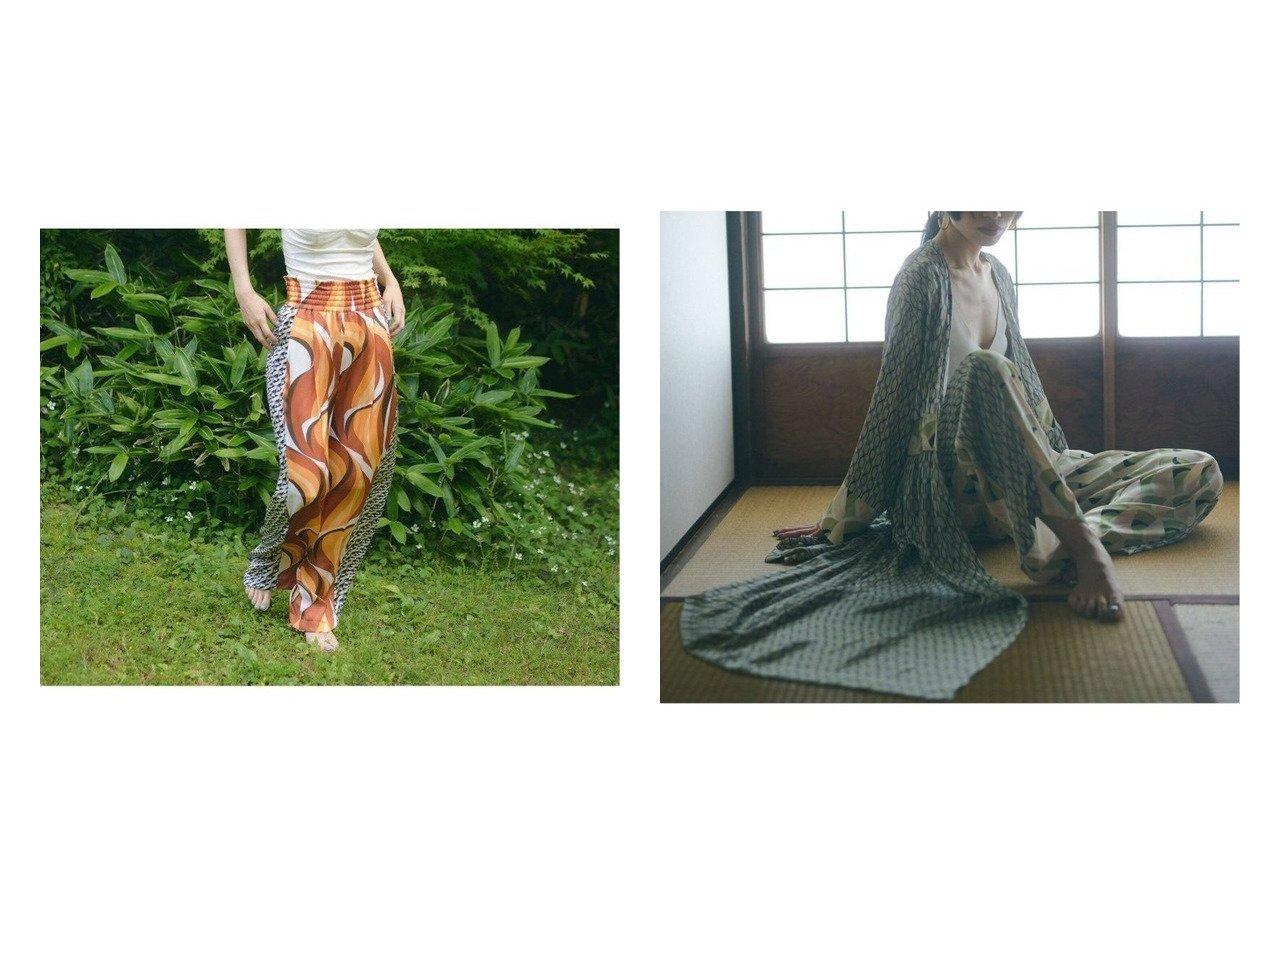 【JOURNAL STANDARD/ジャーナルスタンダード】の【Ayumi.HxJOURNALSTANDARD】ドッキングプリントパンツ 【パンツ】おすすめ!人気、トレンド・レディースファッションの通販 おすすめで人気の流行・トレンド、ファッションの通販商品 インテリア・家具・メンズファッション・キッズファッション・レディースファッション・服の通販 founy(ファニー) https://founy.com/ ファッション Fashion レディースファッション WOMEN パンツ Pants ガウン シンプル ジーンズ トレンド ドッキング ドレス 人気 フロント プリント ワイド 2021年 2021 S/S・春夏 SS・Spring/Summer 2021春夏・S/S SS/Spring/Summer/2021  ID:crp329100000061728